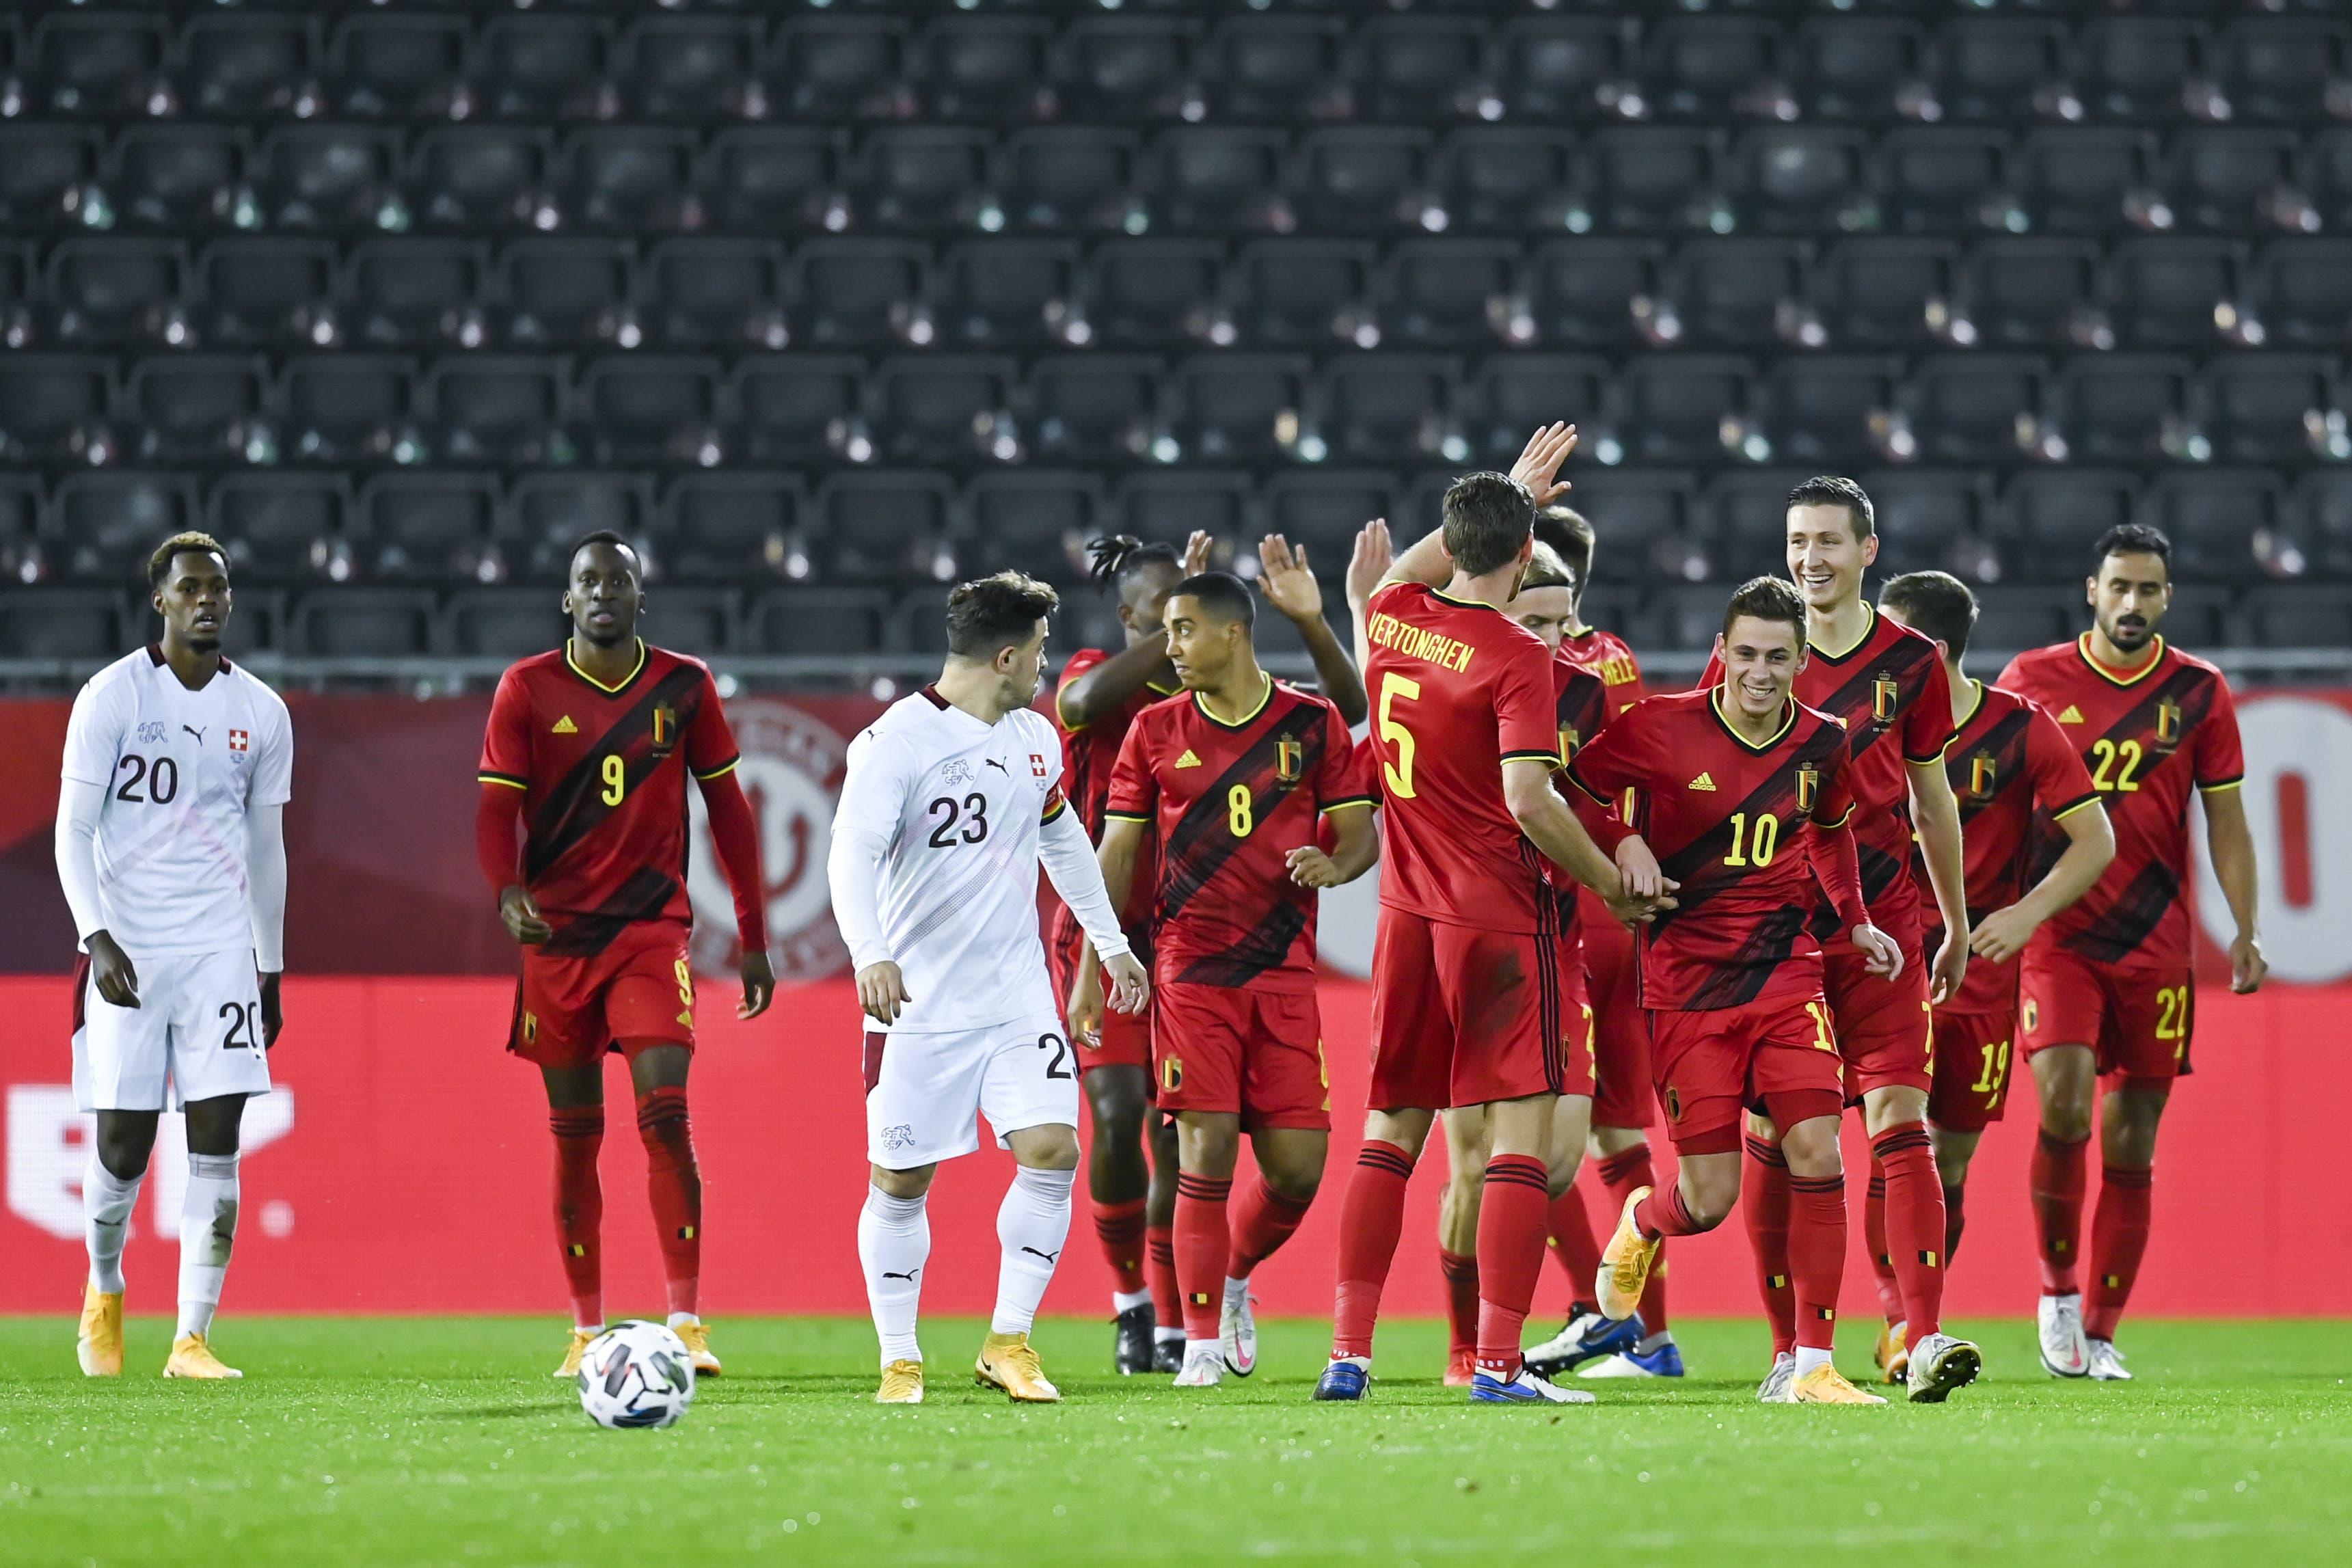 Die Belgier freuen sich über den Ausgleichstreffer in der zweiten Halbzeit.